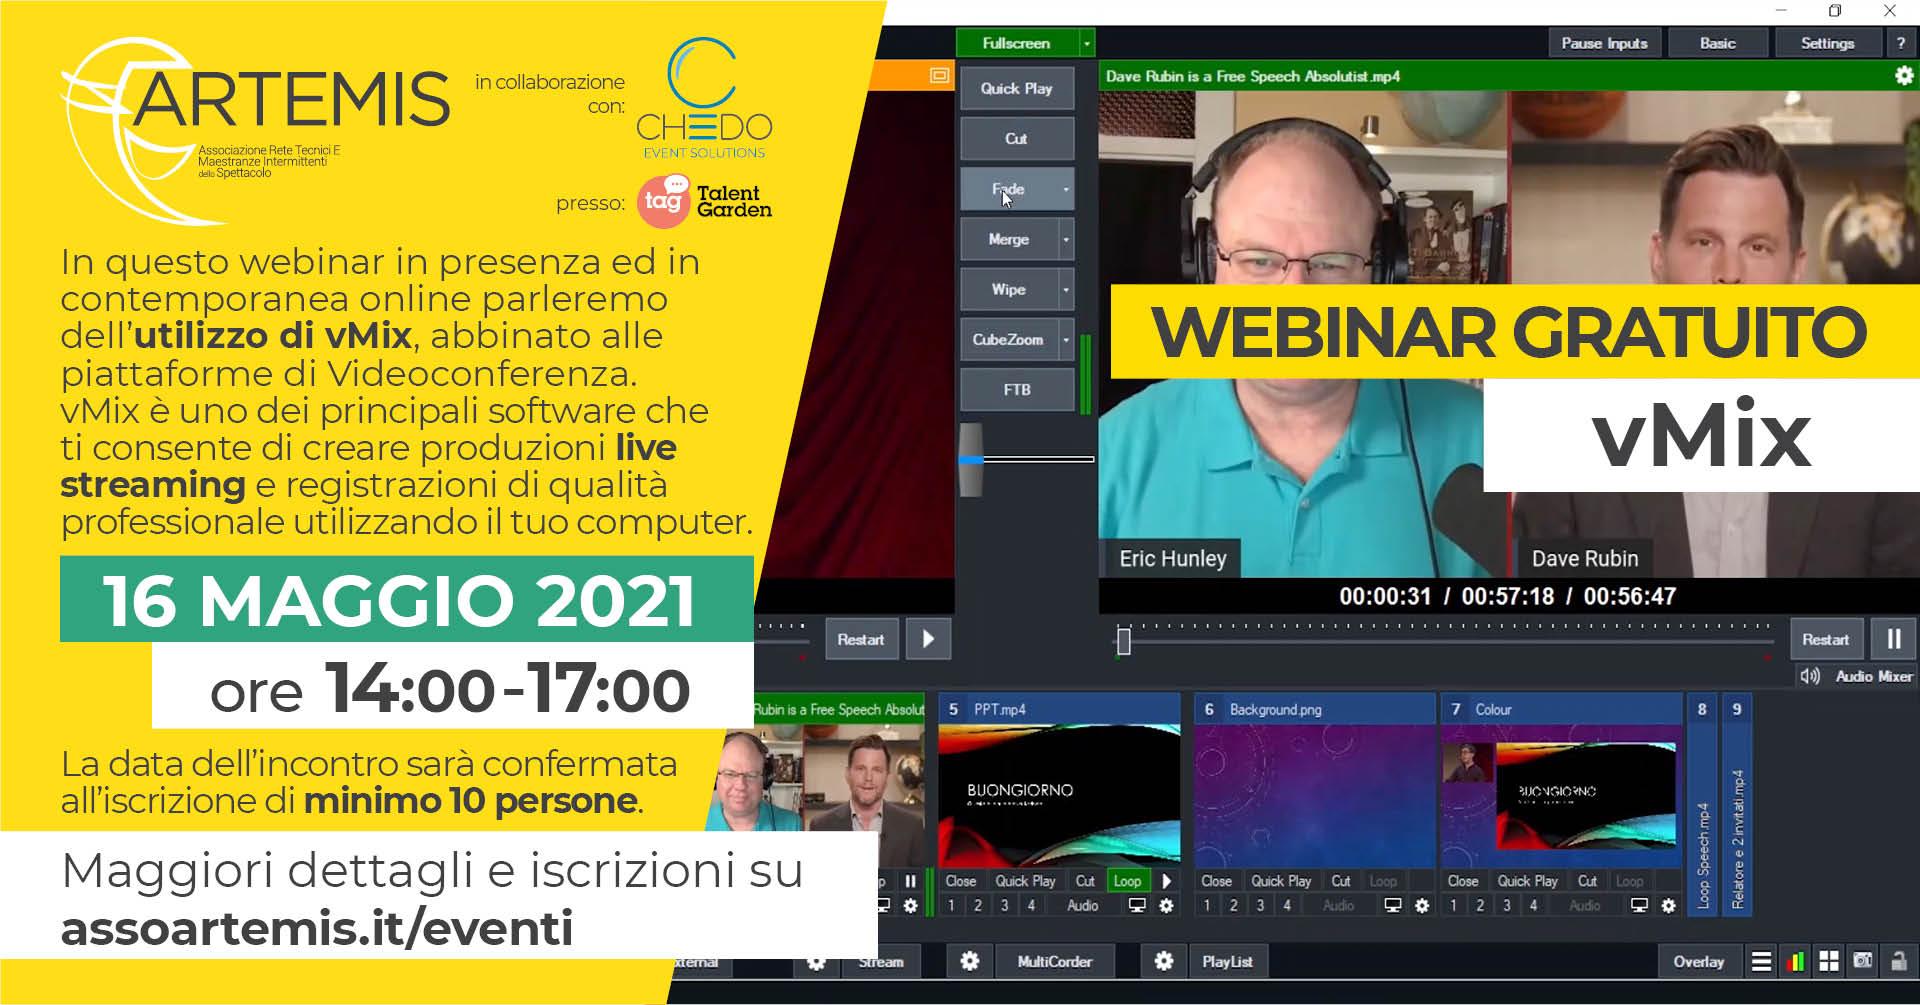 webinar vmix gratuito live straming software e registrazione